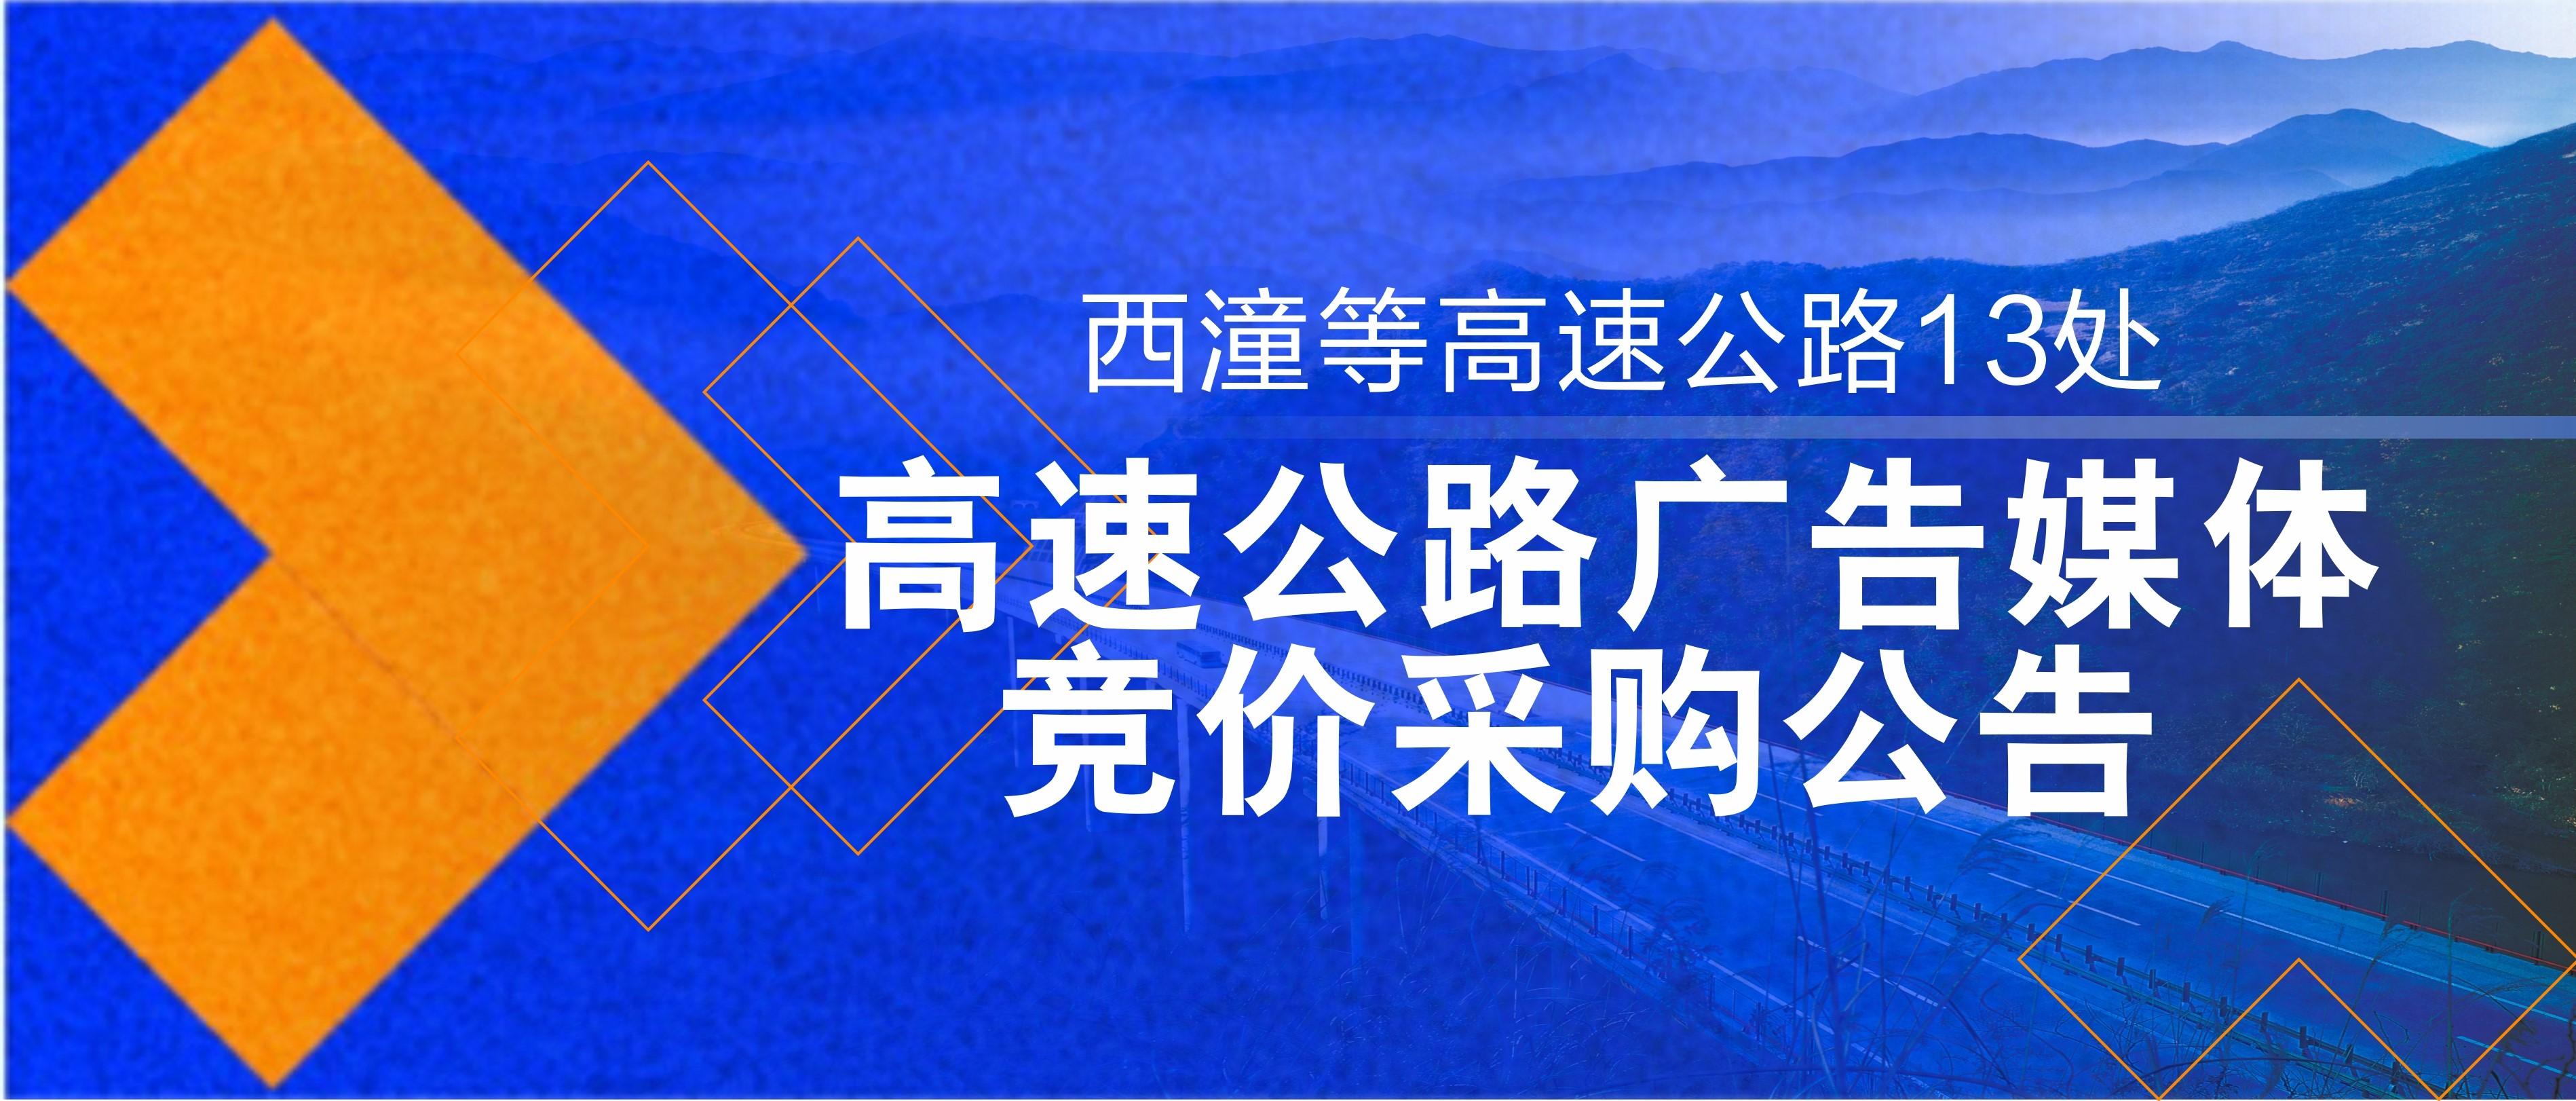 西潼等高速公路13处优质跨线桥广告媒体租赁竞价采购公告